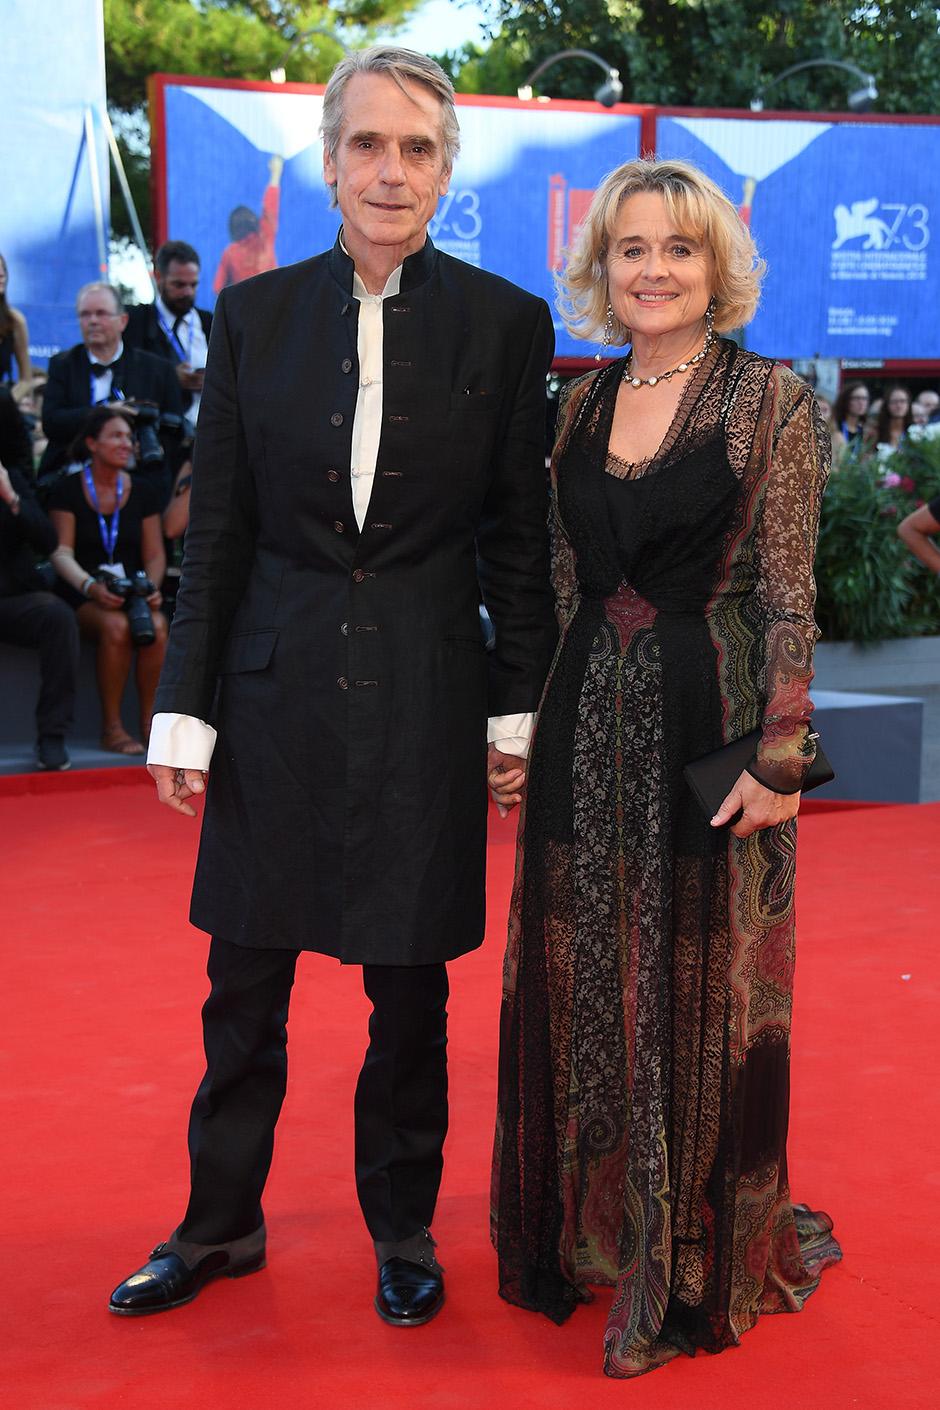 Джереми Айронс с супругой Шинейд Кьюсак венецианский кинофестиваль 2016